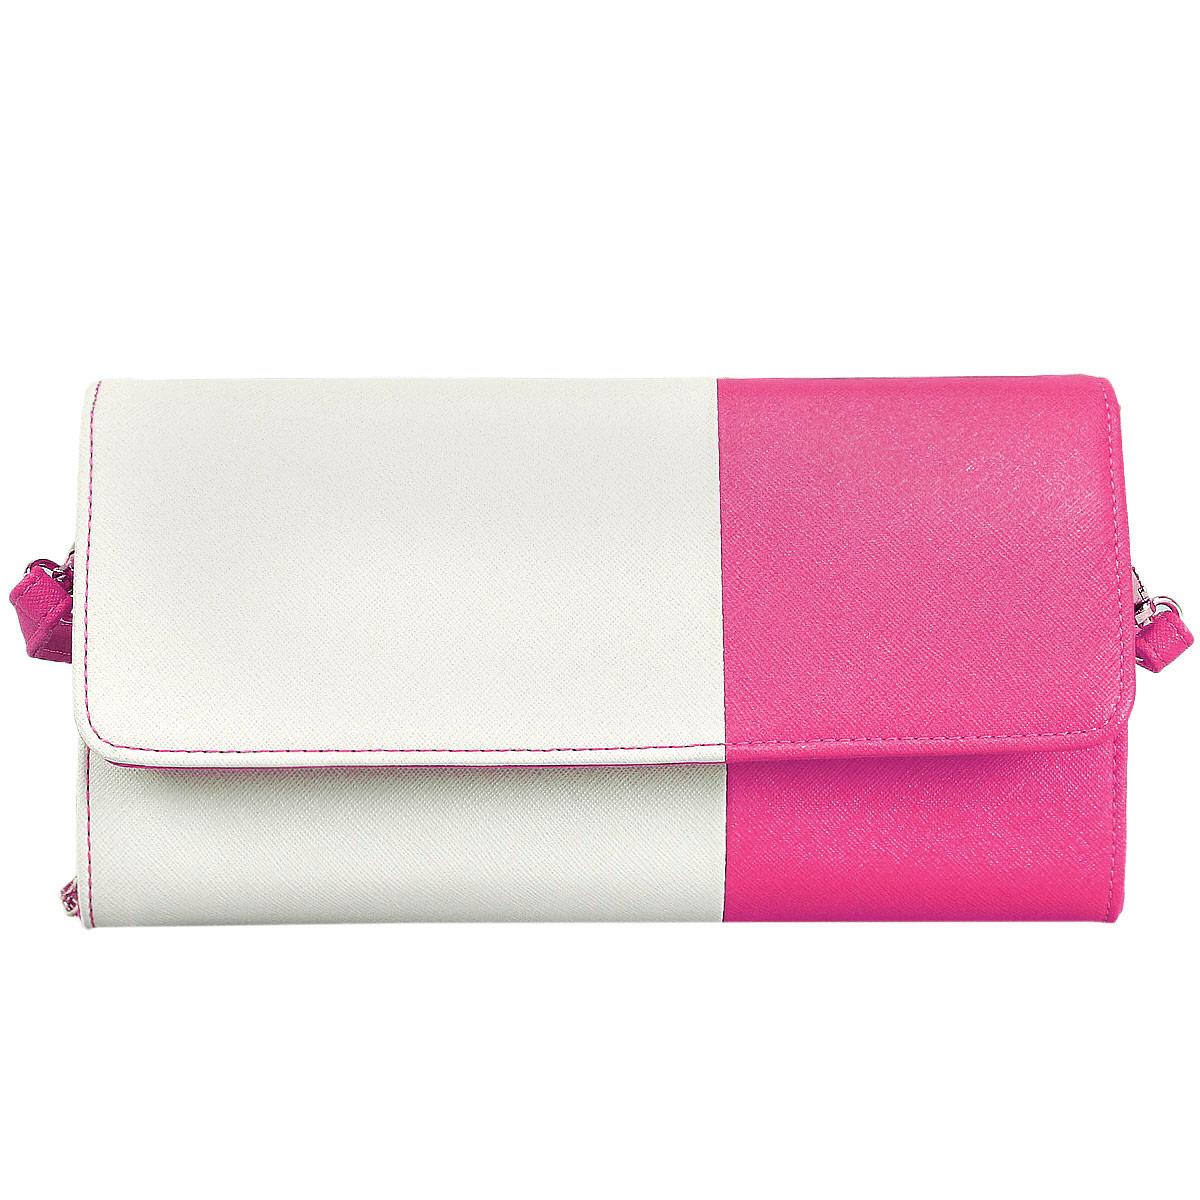 Сумка-клатч женская Leighton, цвет: молочный, розовый. 10656-3769 10656-3769/23/3769/20 беж